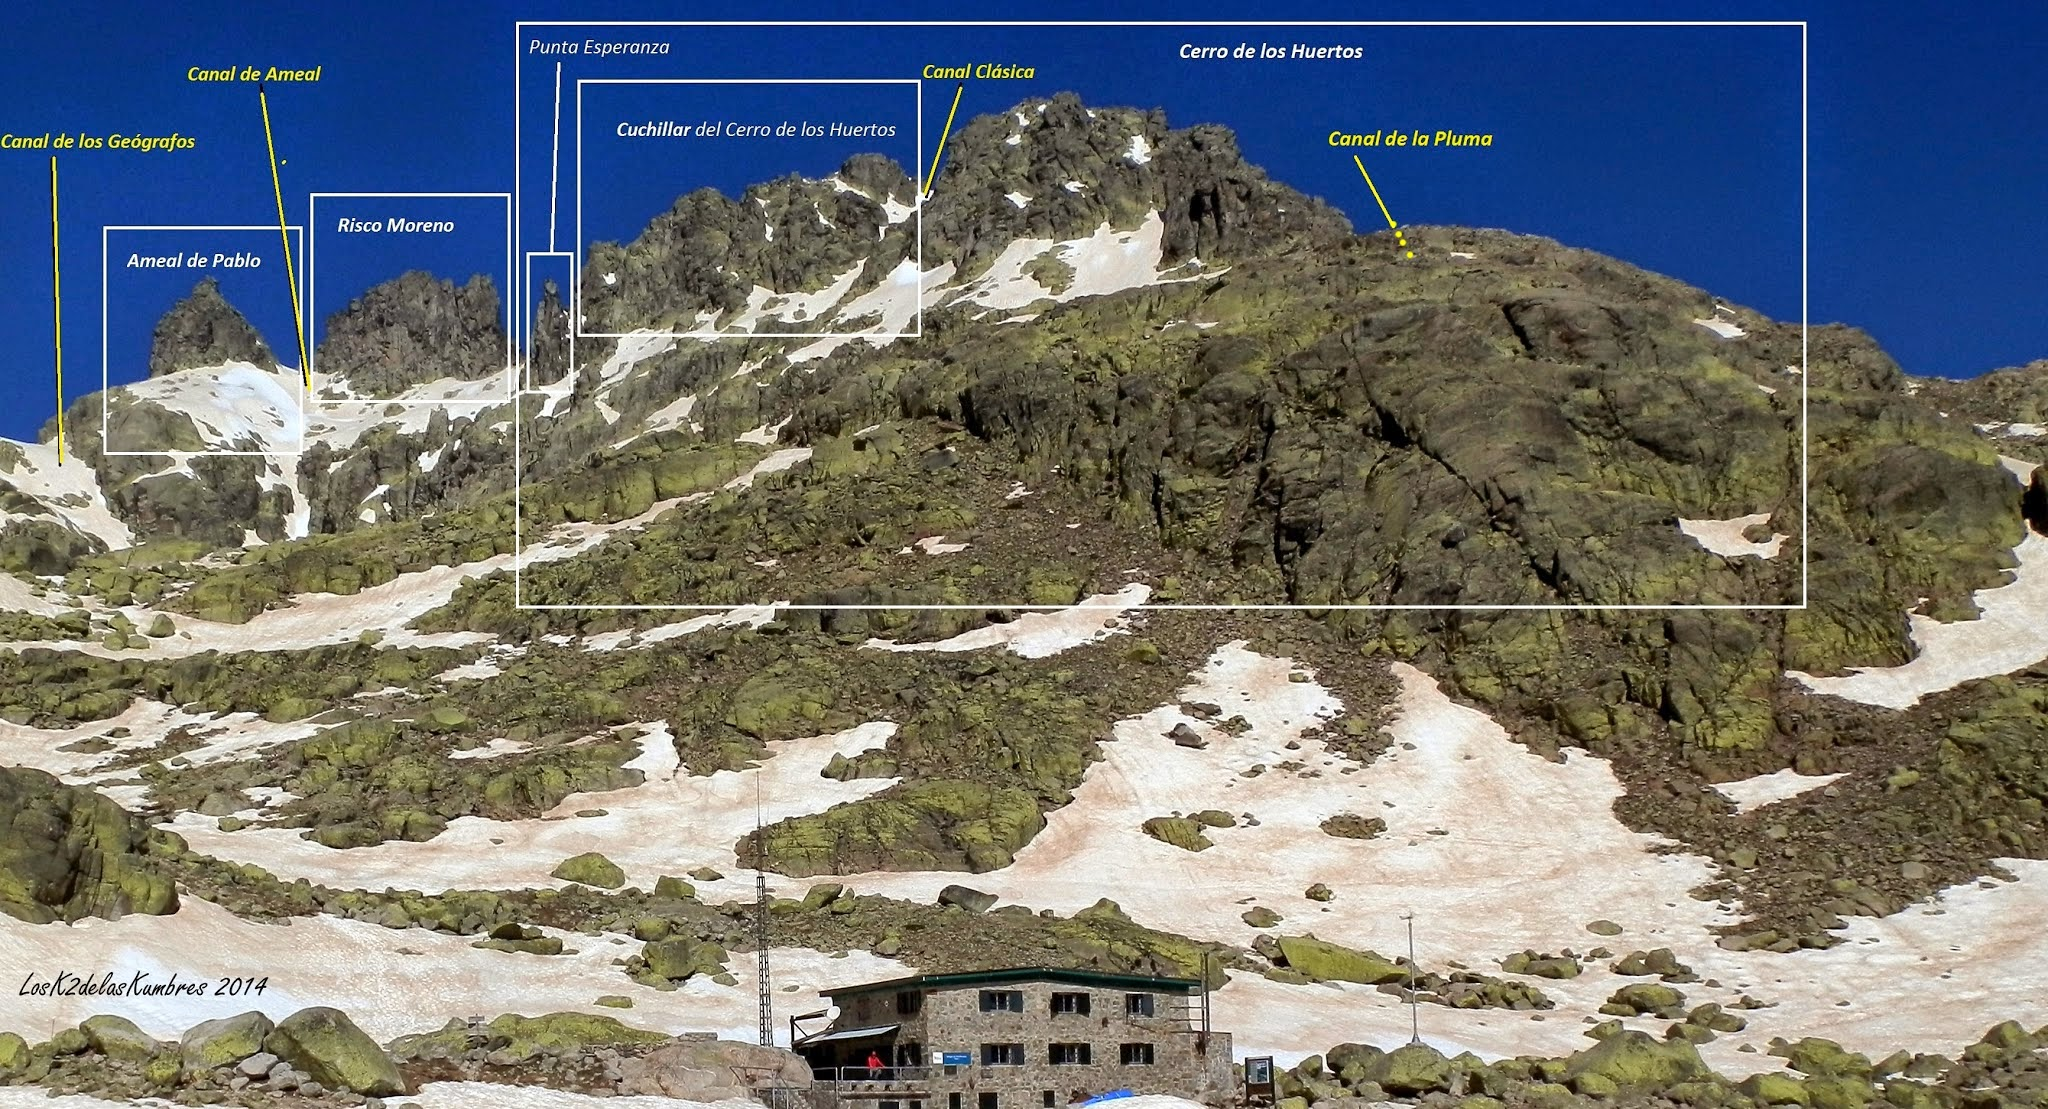 Cerro de los Huertos - Circo de Gredos